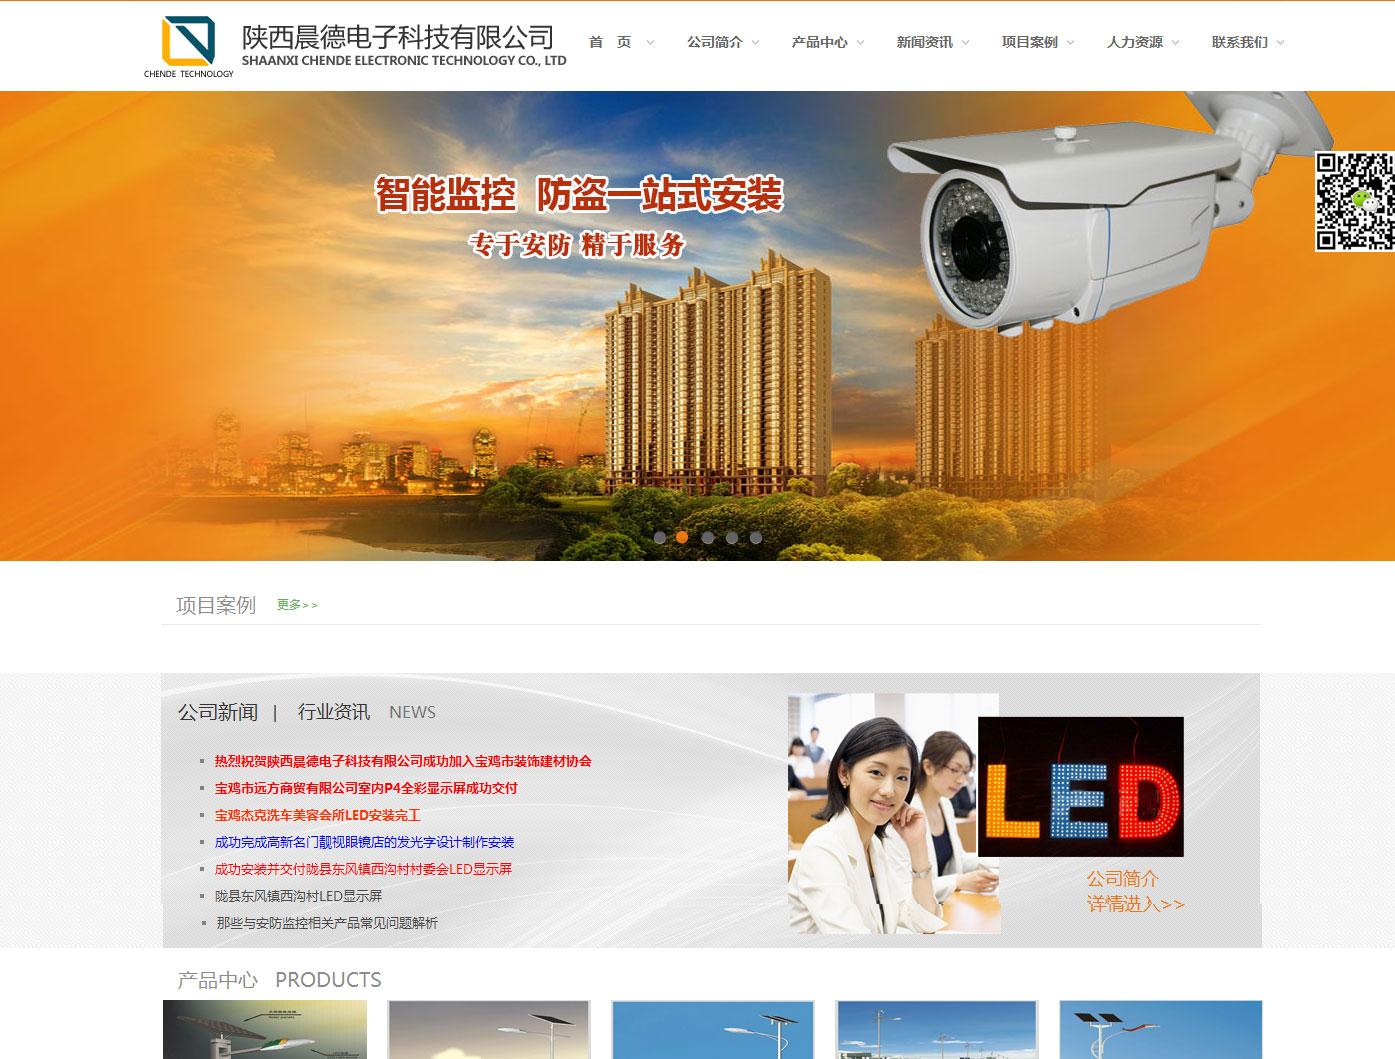 陕西晨德电子科技有限公司